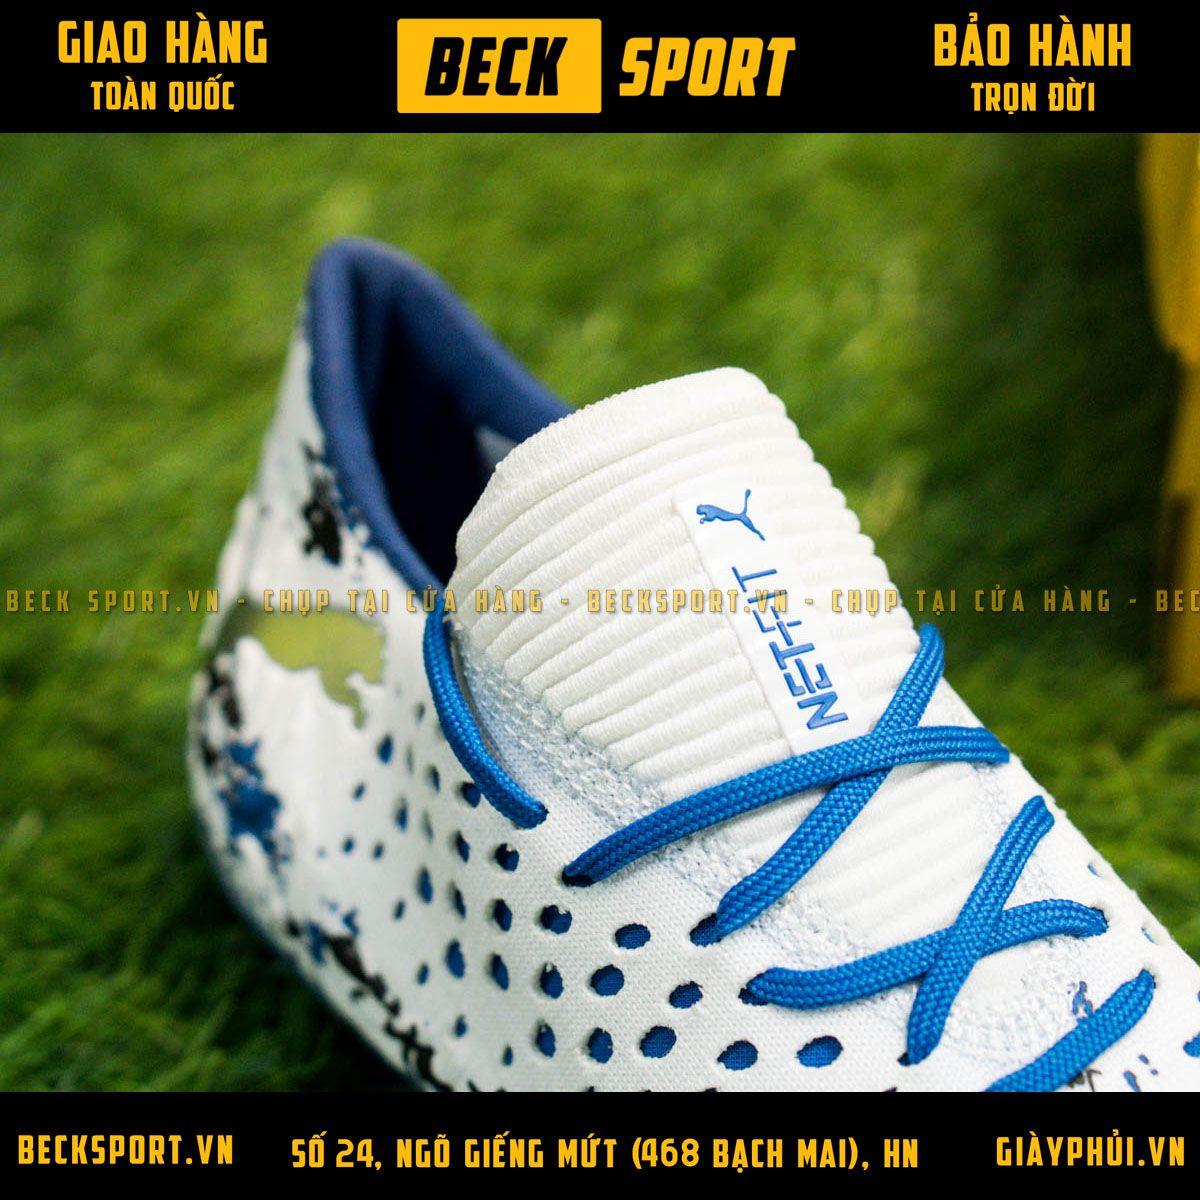 Giày Bóng Đá Puma Future 19.1 Trắng Đế Xanh Biển Cổ Chun FG